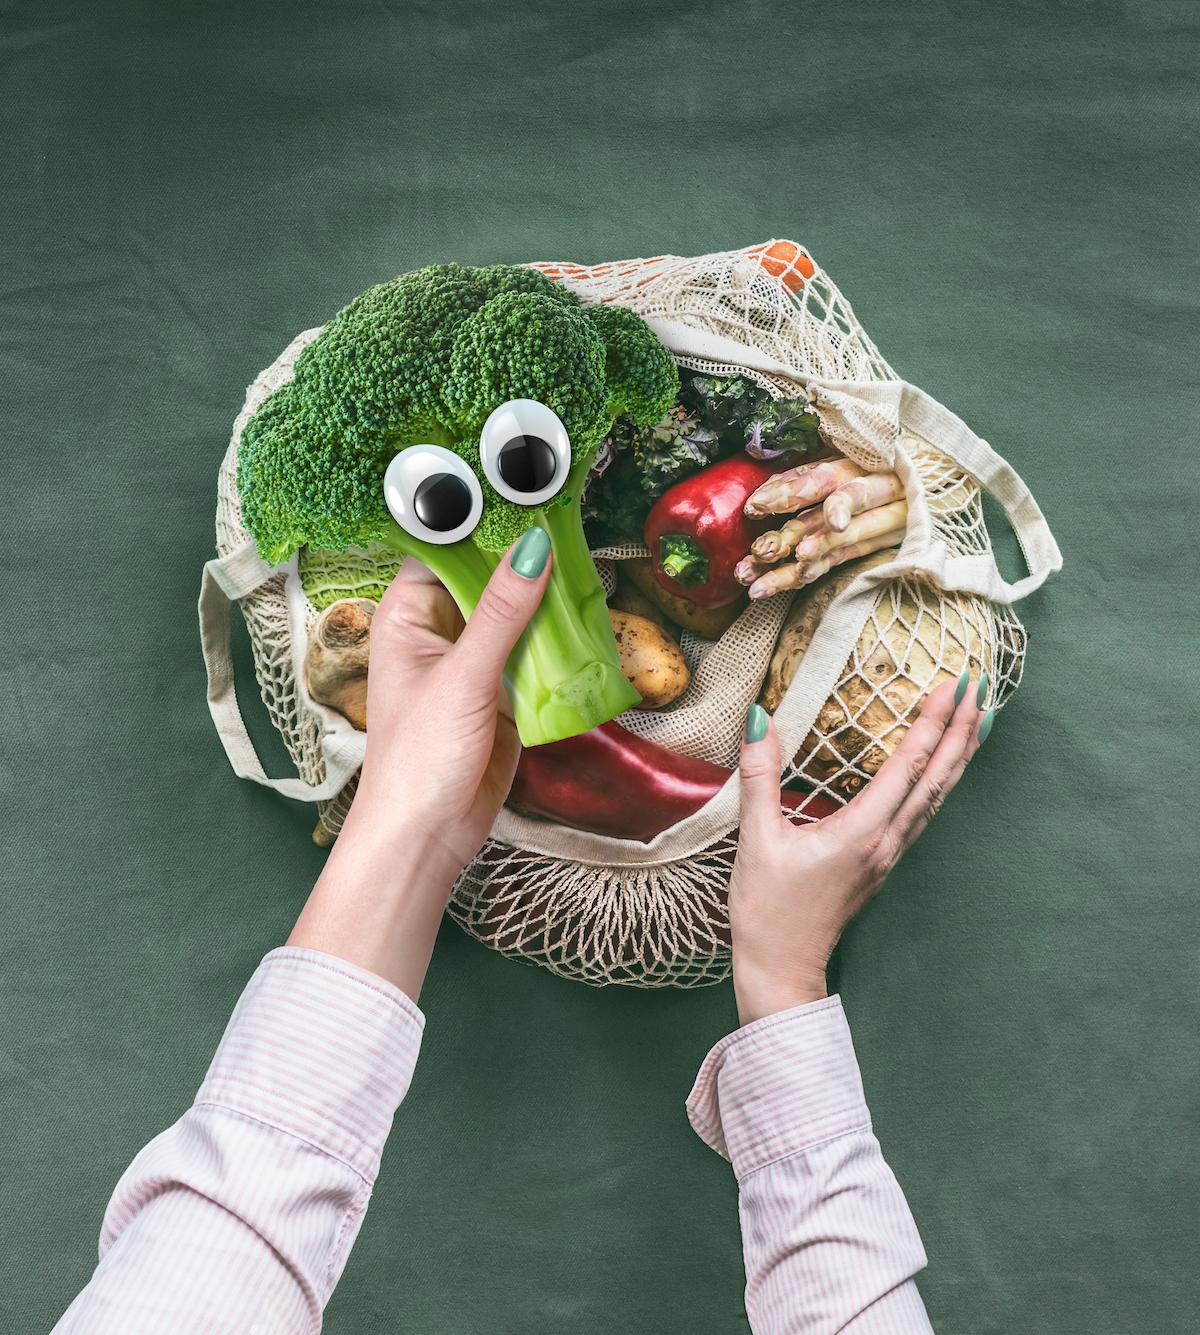 Zachraňte zeleninu_vizuál